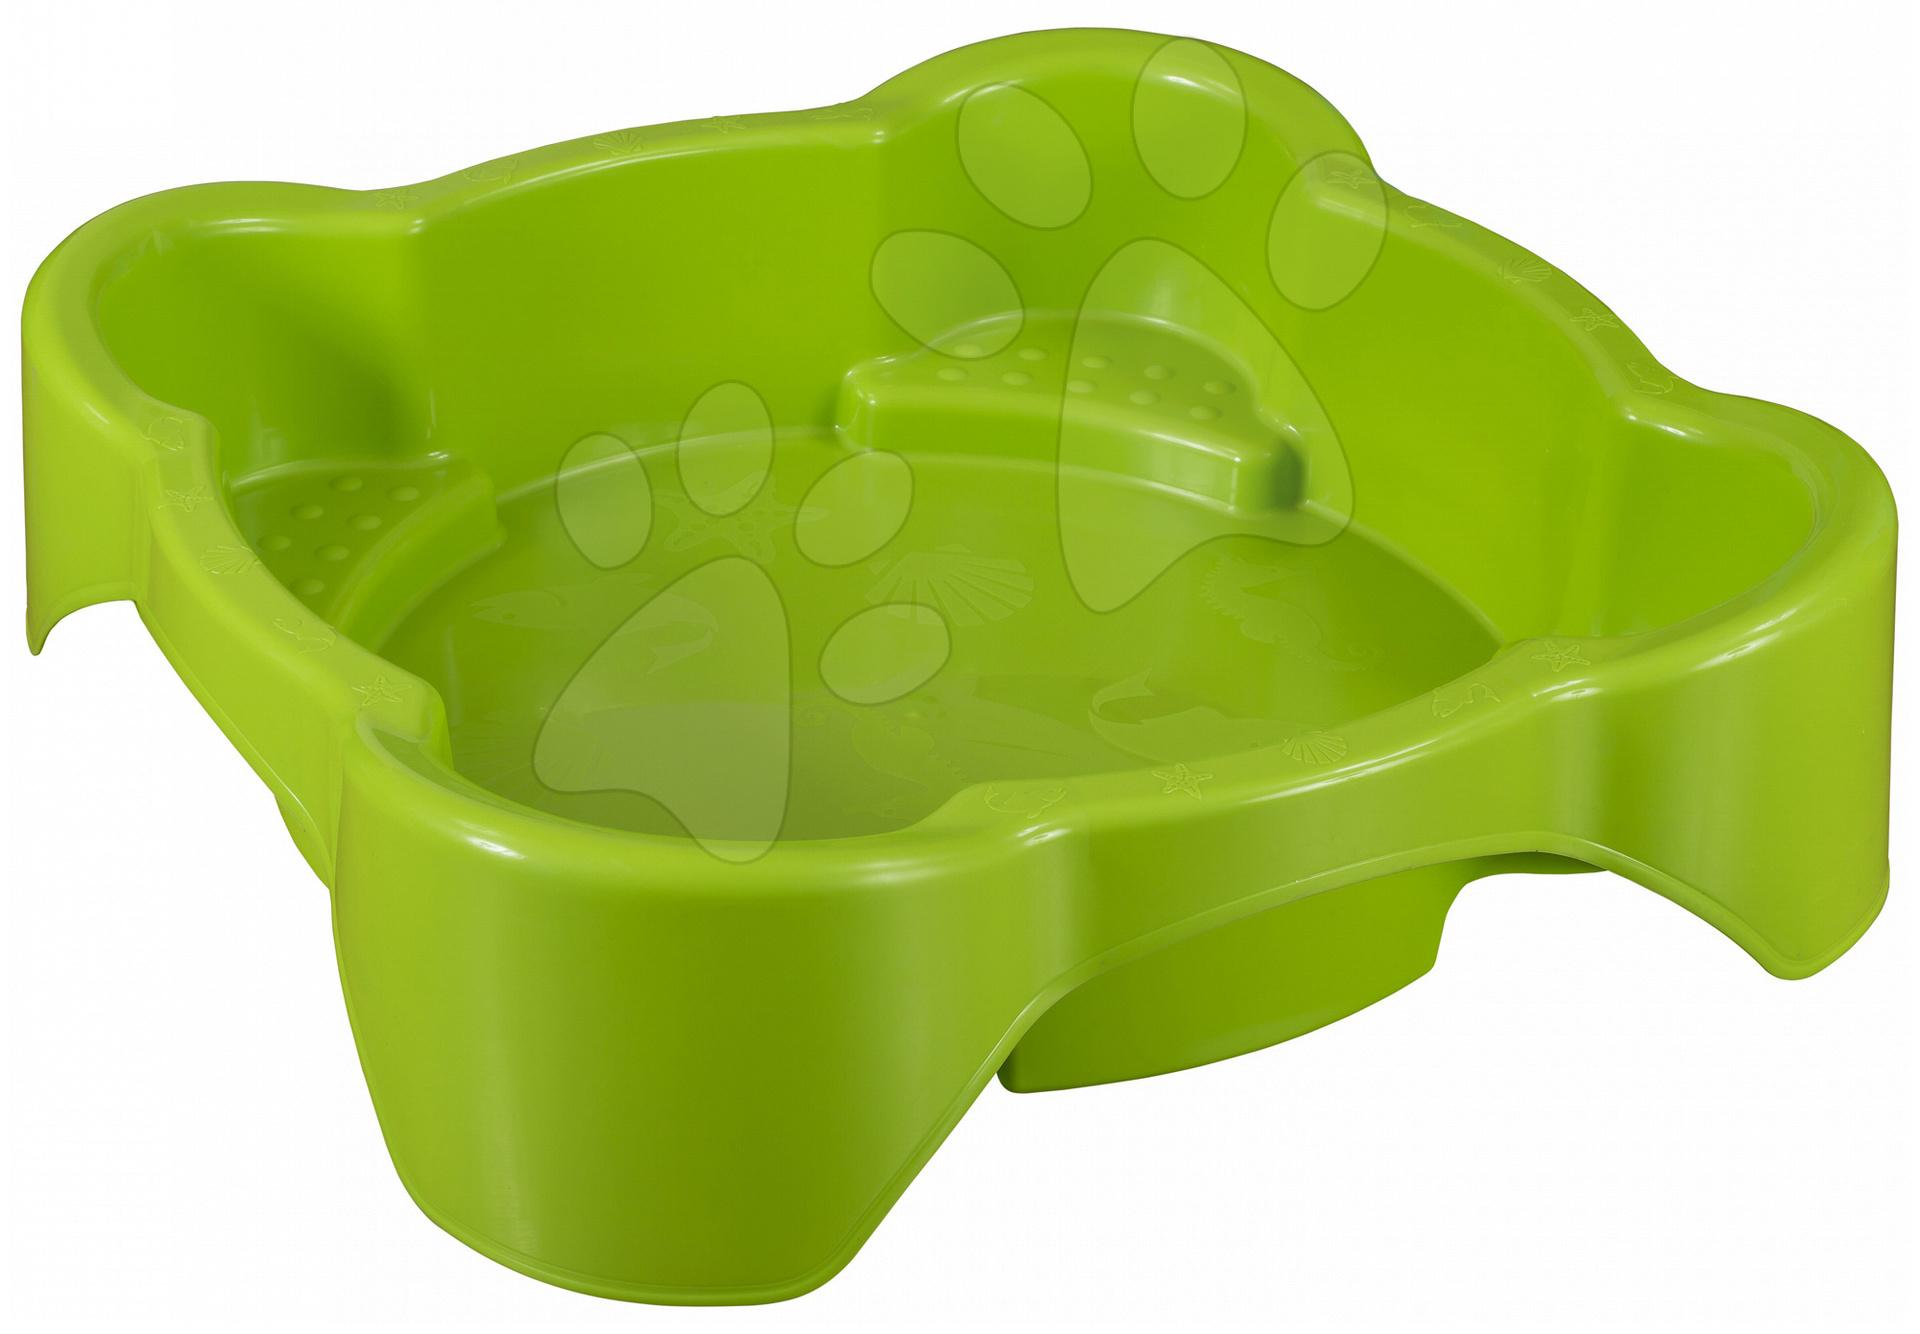 Pieskoviská pre deti - Pieskovisko Kvet PalPlay štvorec zelené od 24 mes